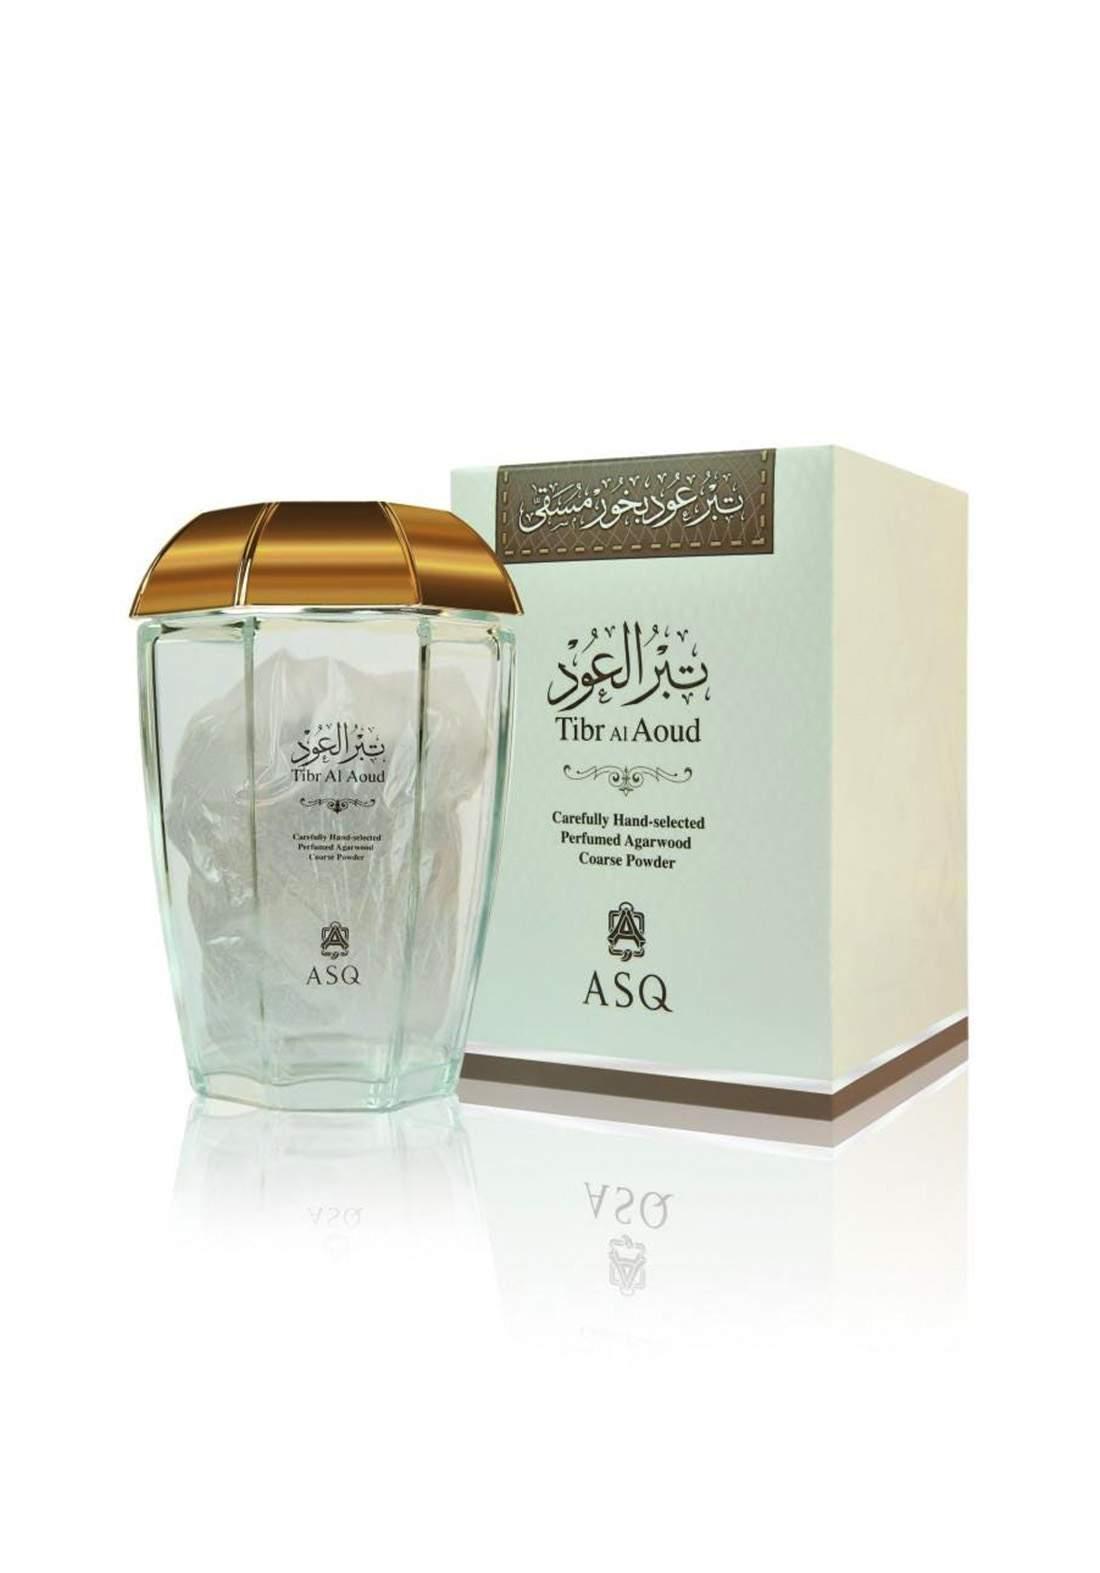 Abdul Samad Al Qurashi 73005 Tibr Al Aoud  Perfumed Agarwood Powder بخور عطري تبر العود